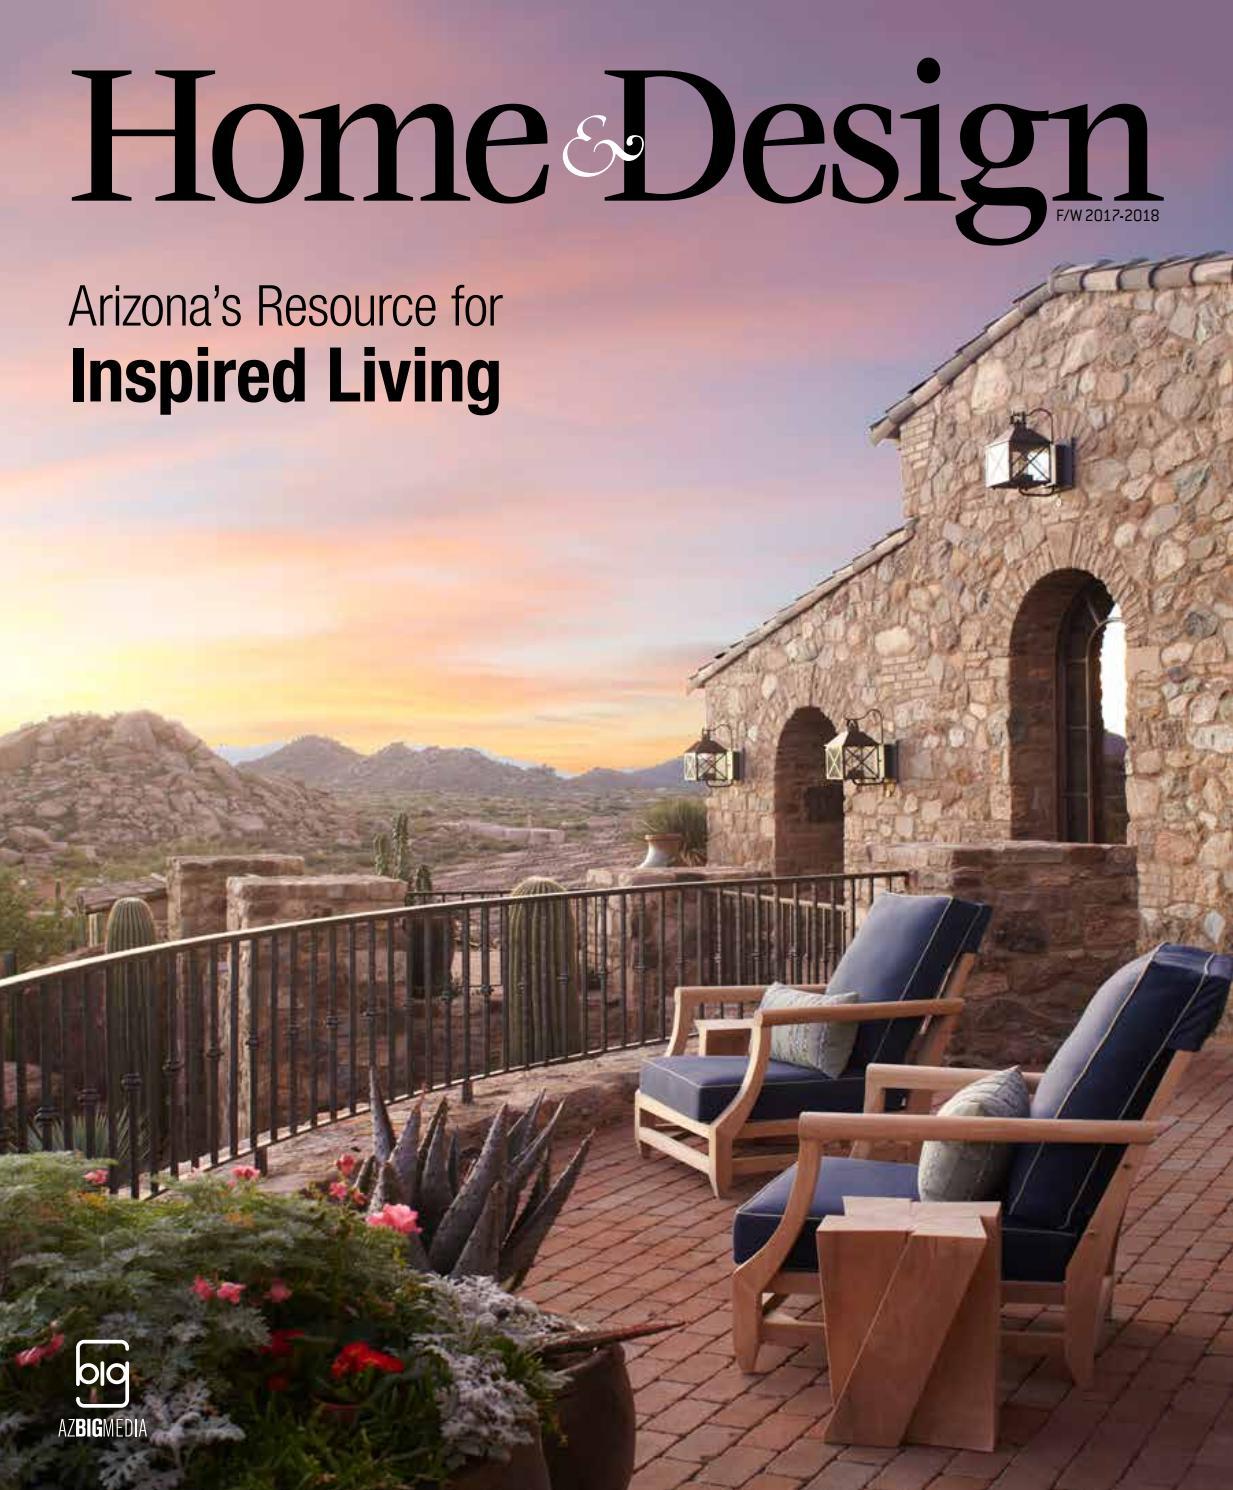 Home & Design Fall/Winter 2017-2018 By AZ Big Media